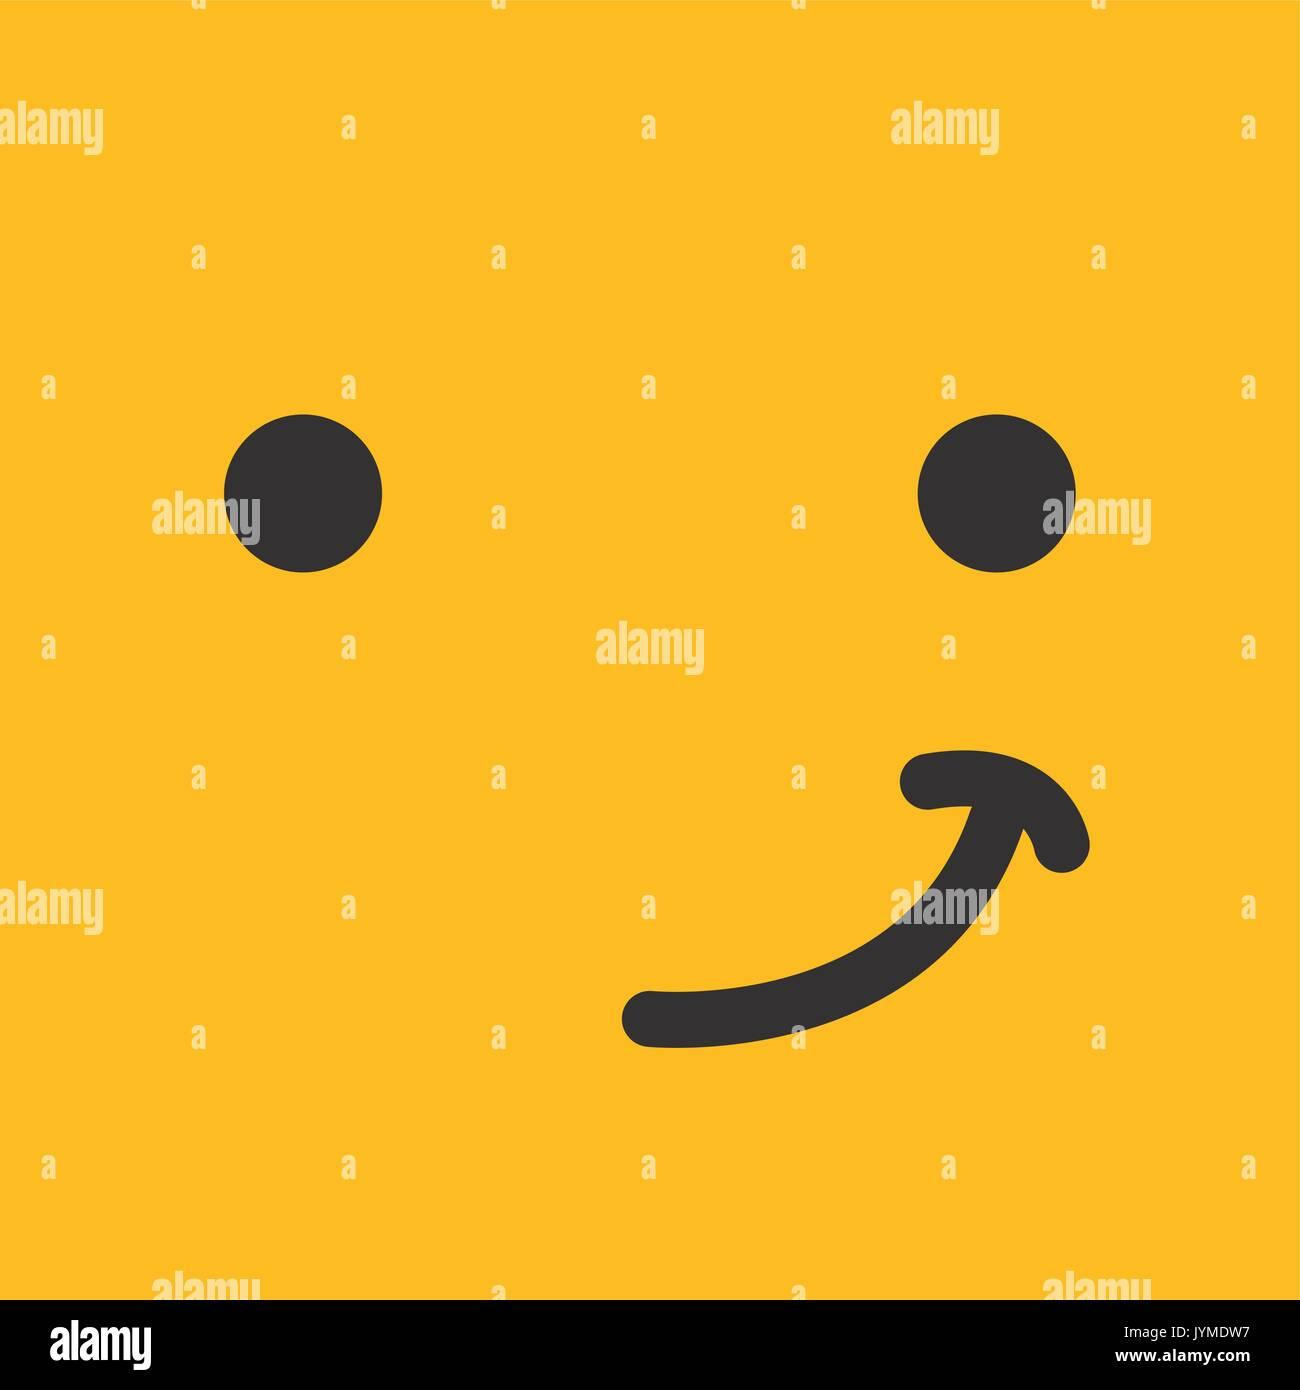 emoticon face design - Stock Vector